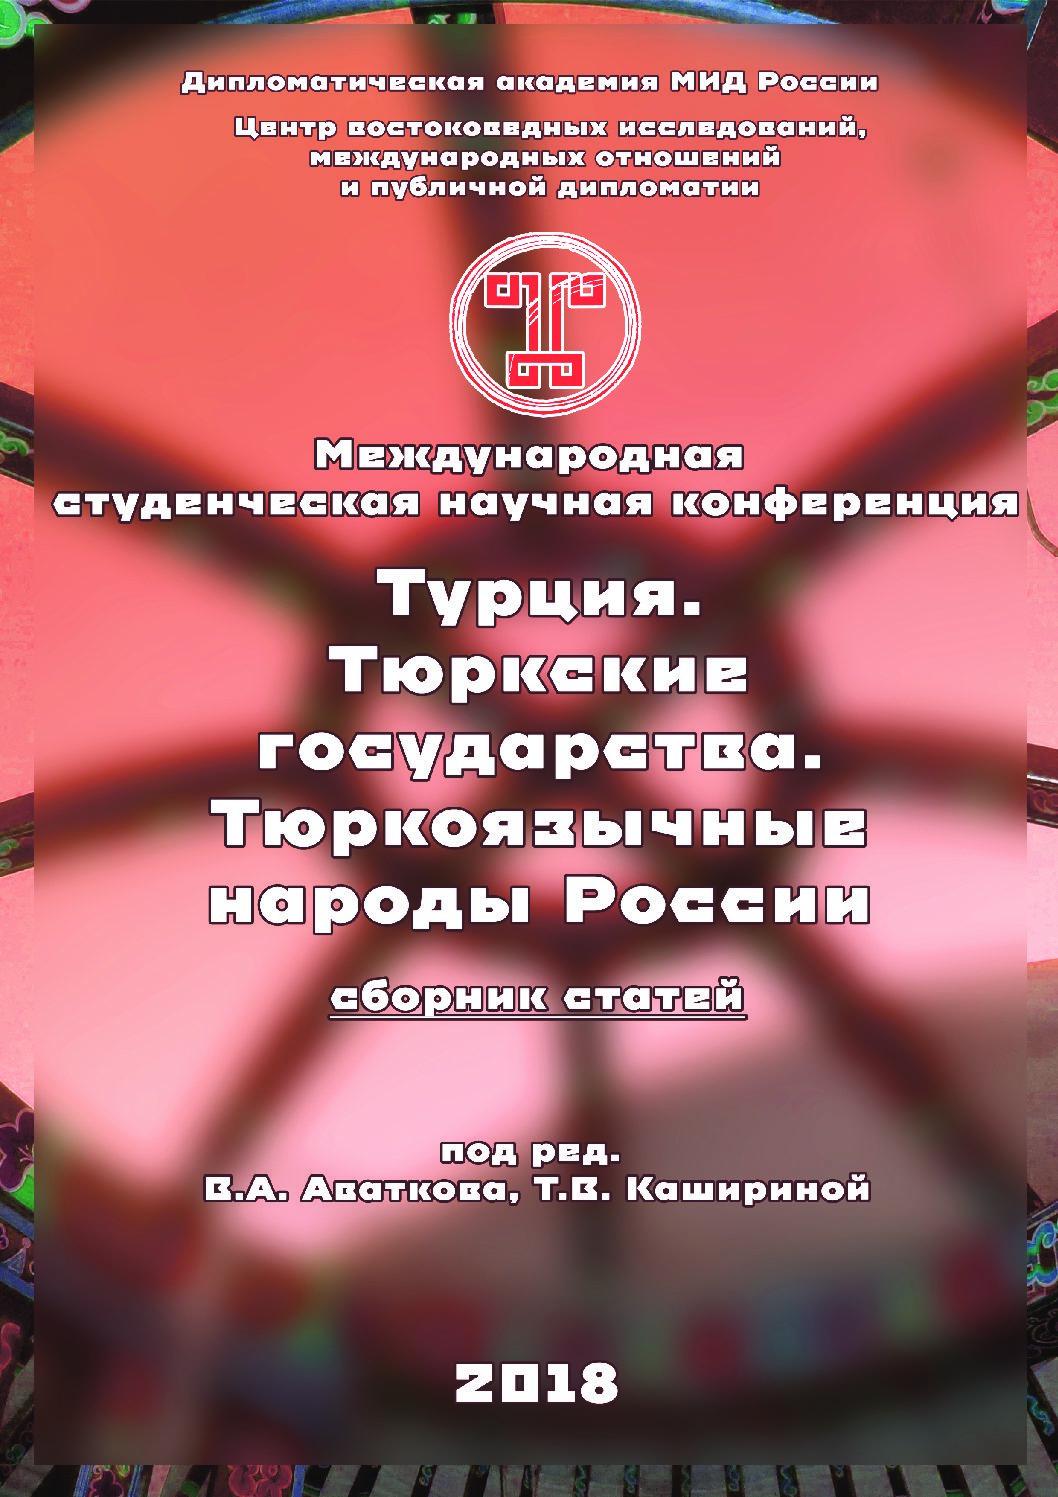 Международная студенческая конференция «Турция. Тюркские государства. Тюркоязычные народы России»